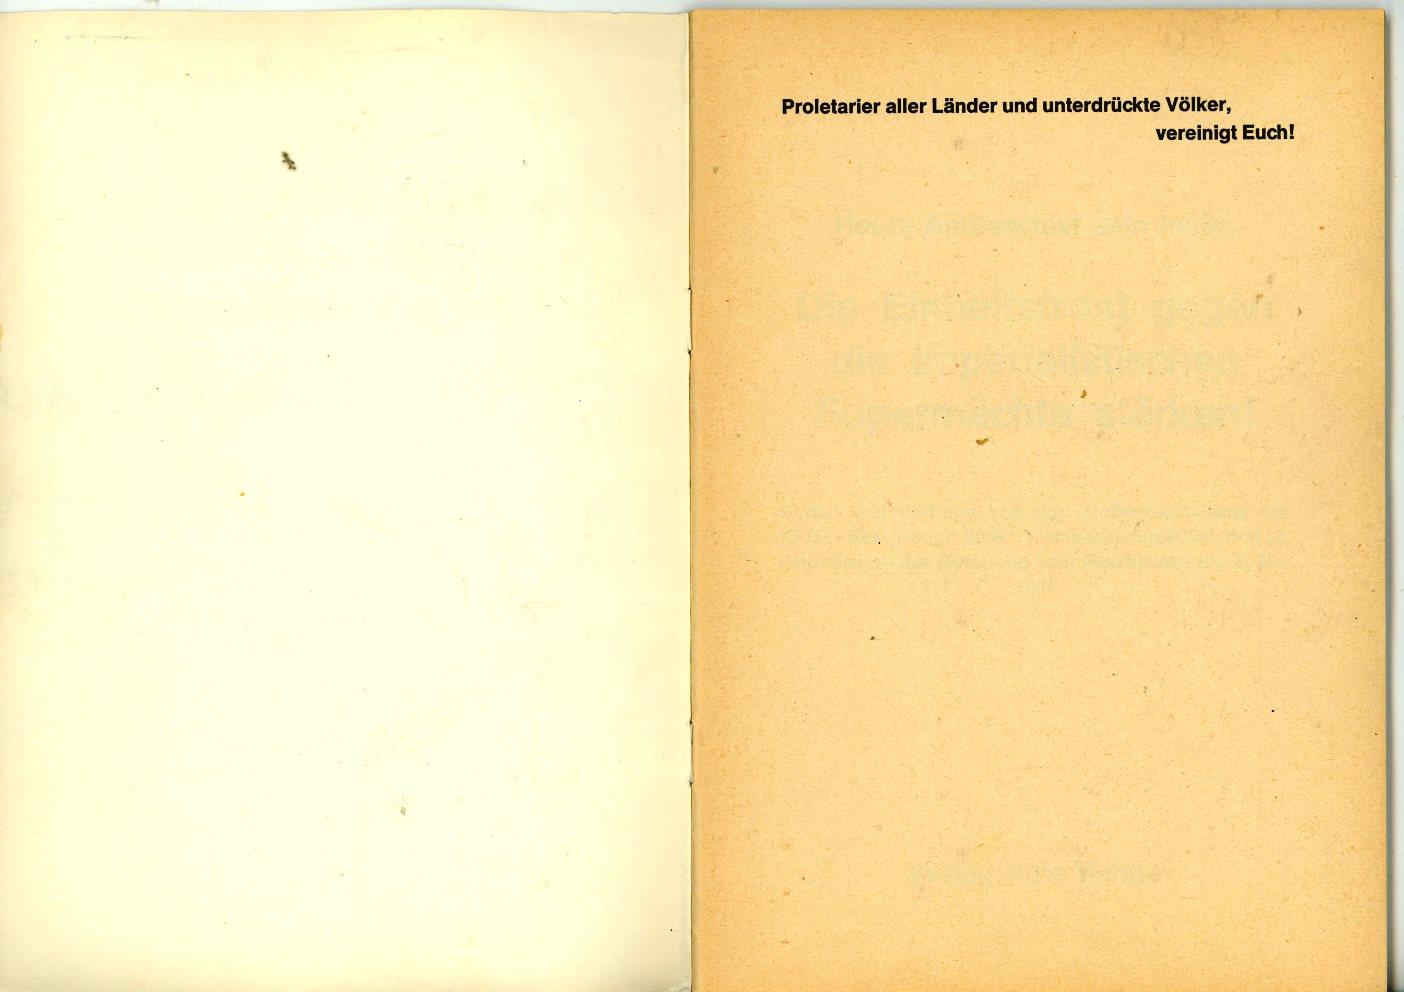 KPDAO_1975_30_Jahrestag_der_Befreiung_vom_Faschismus_02